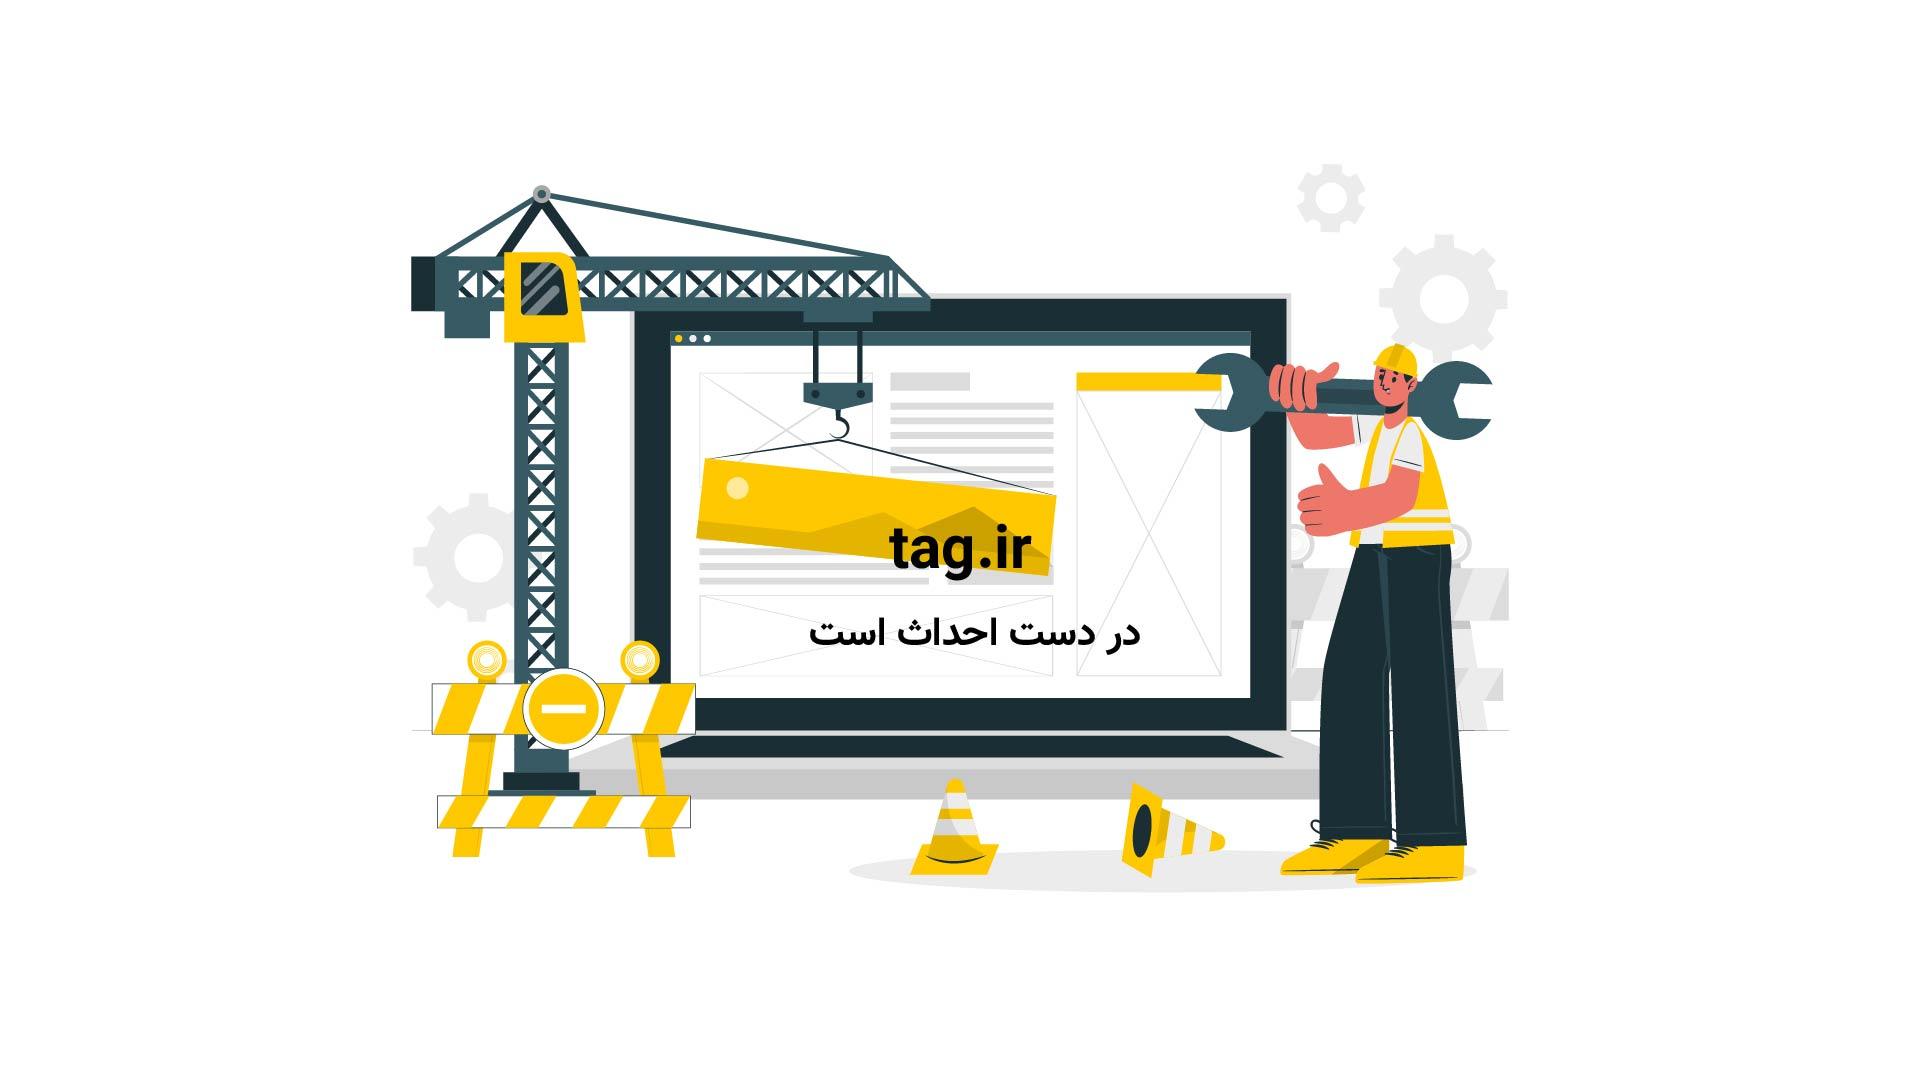 برف | تگ